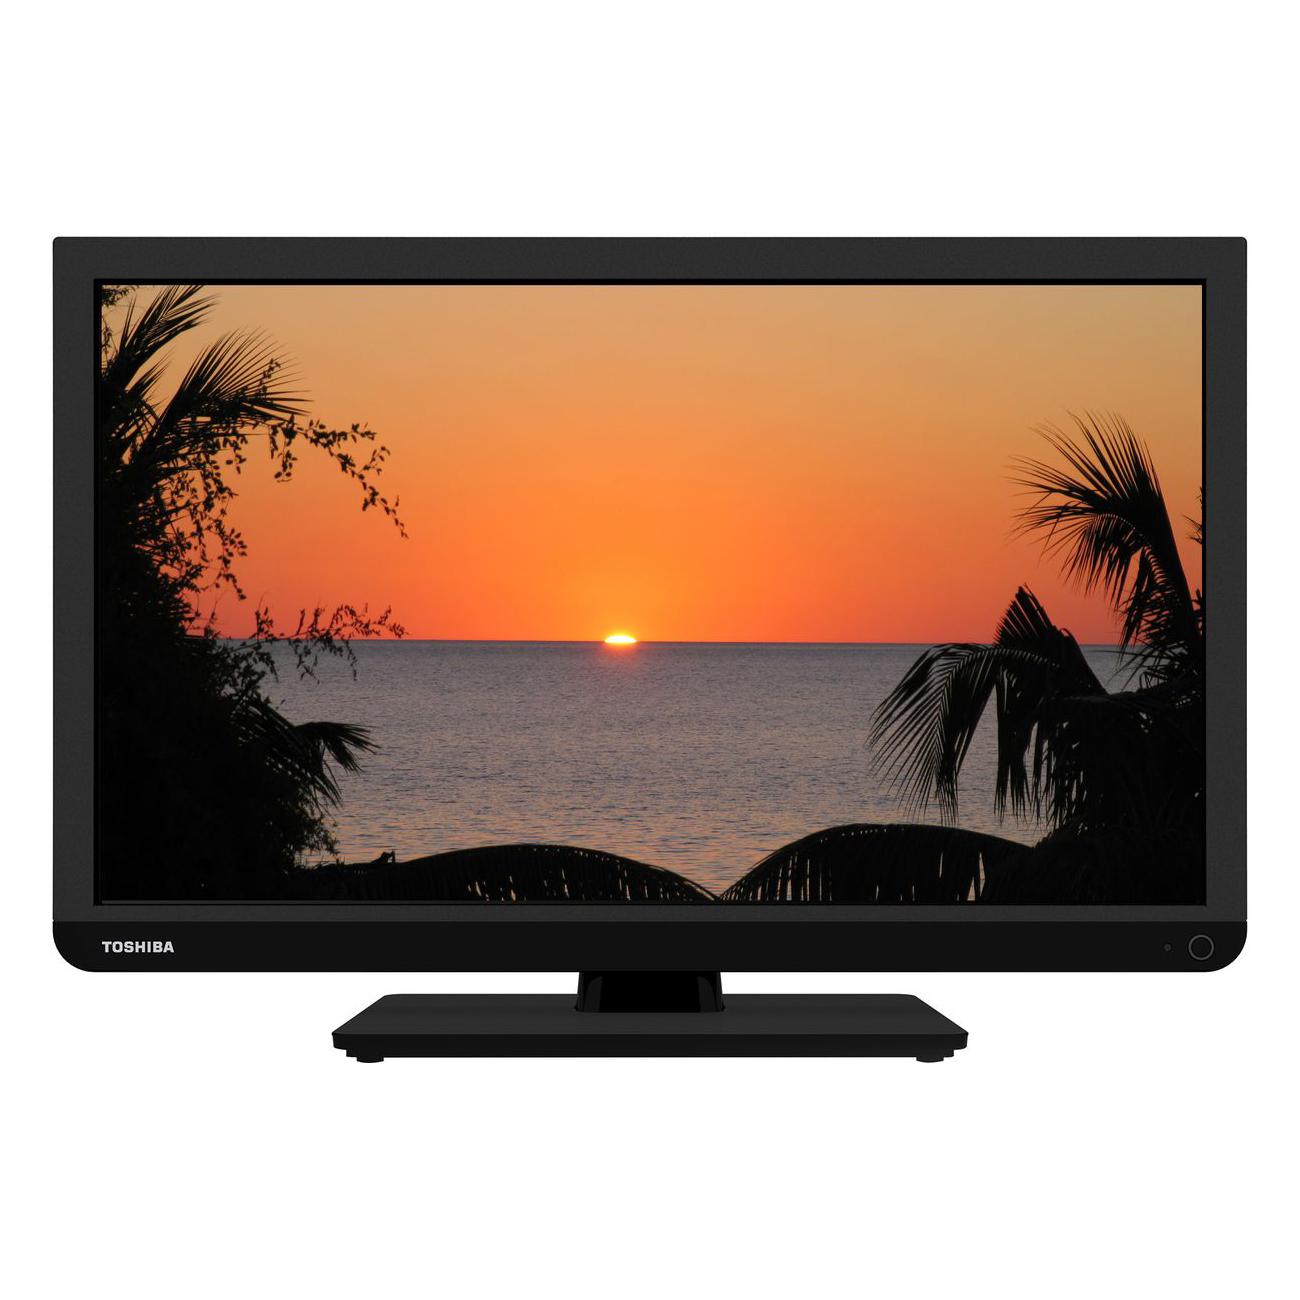 """TV Toshiba 24W1333G Téléviseur LED 24"""" (61 cm) 16/9 - 1366 x 768 pixels - Tuner TNT HD et Câble - HDTV - USB - 50 Hz"""